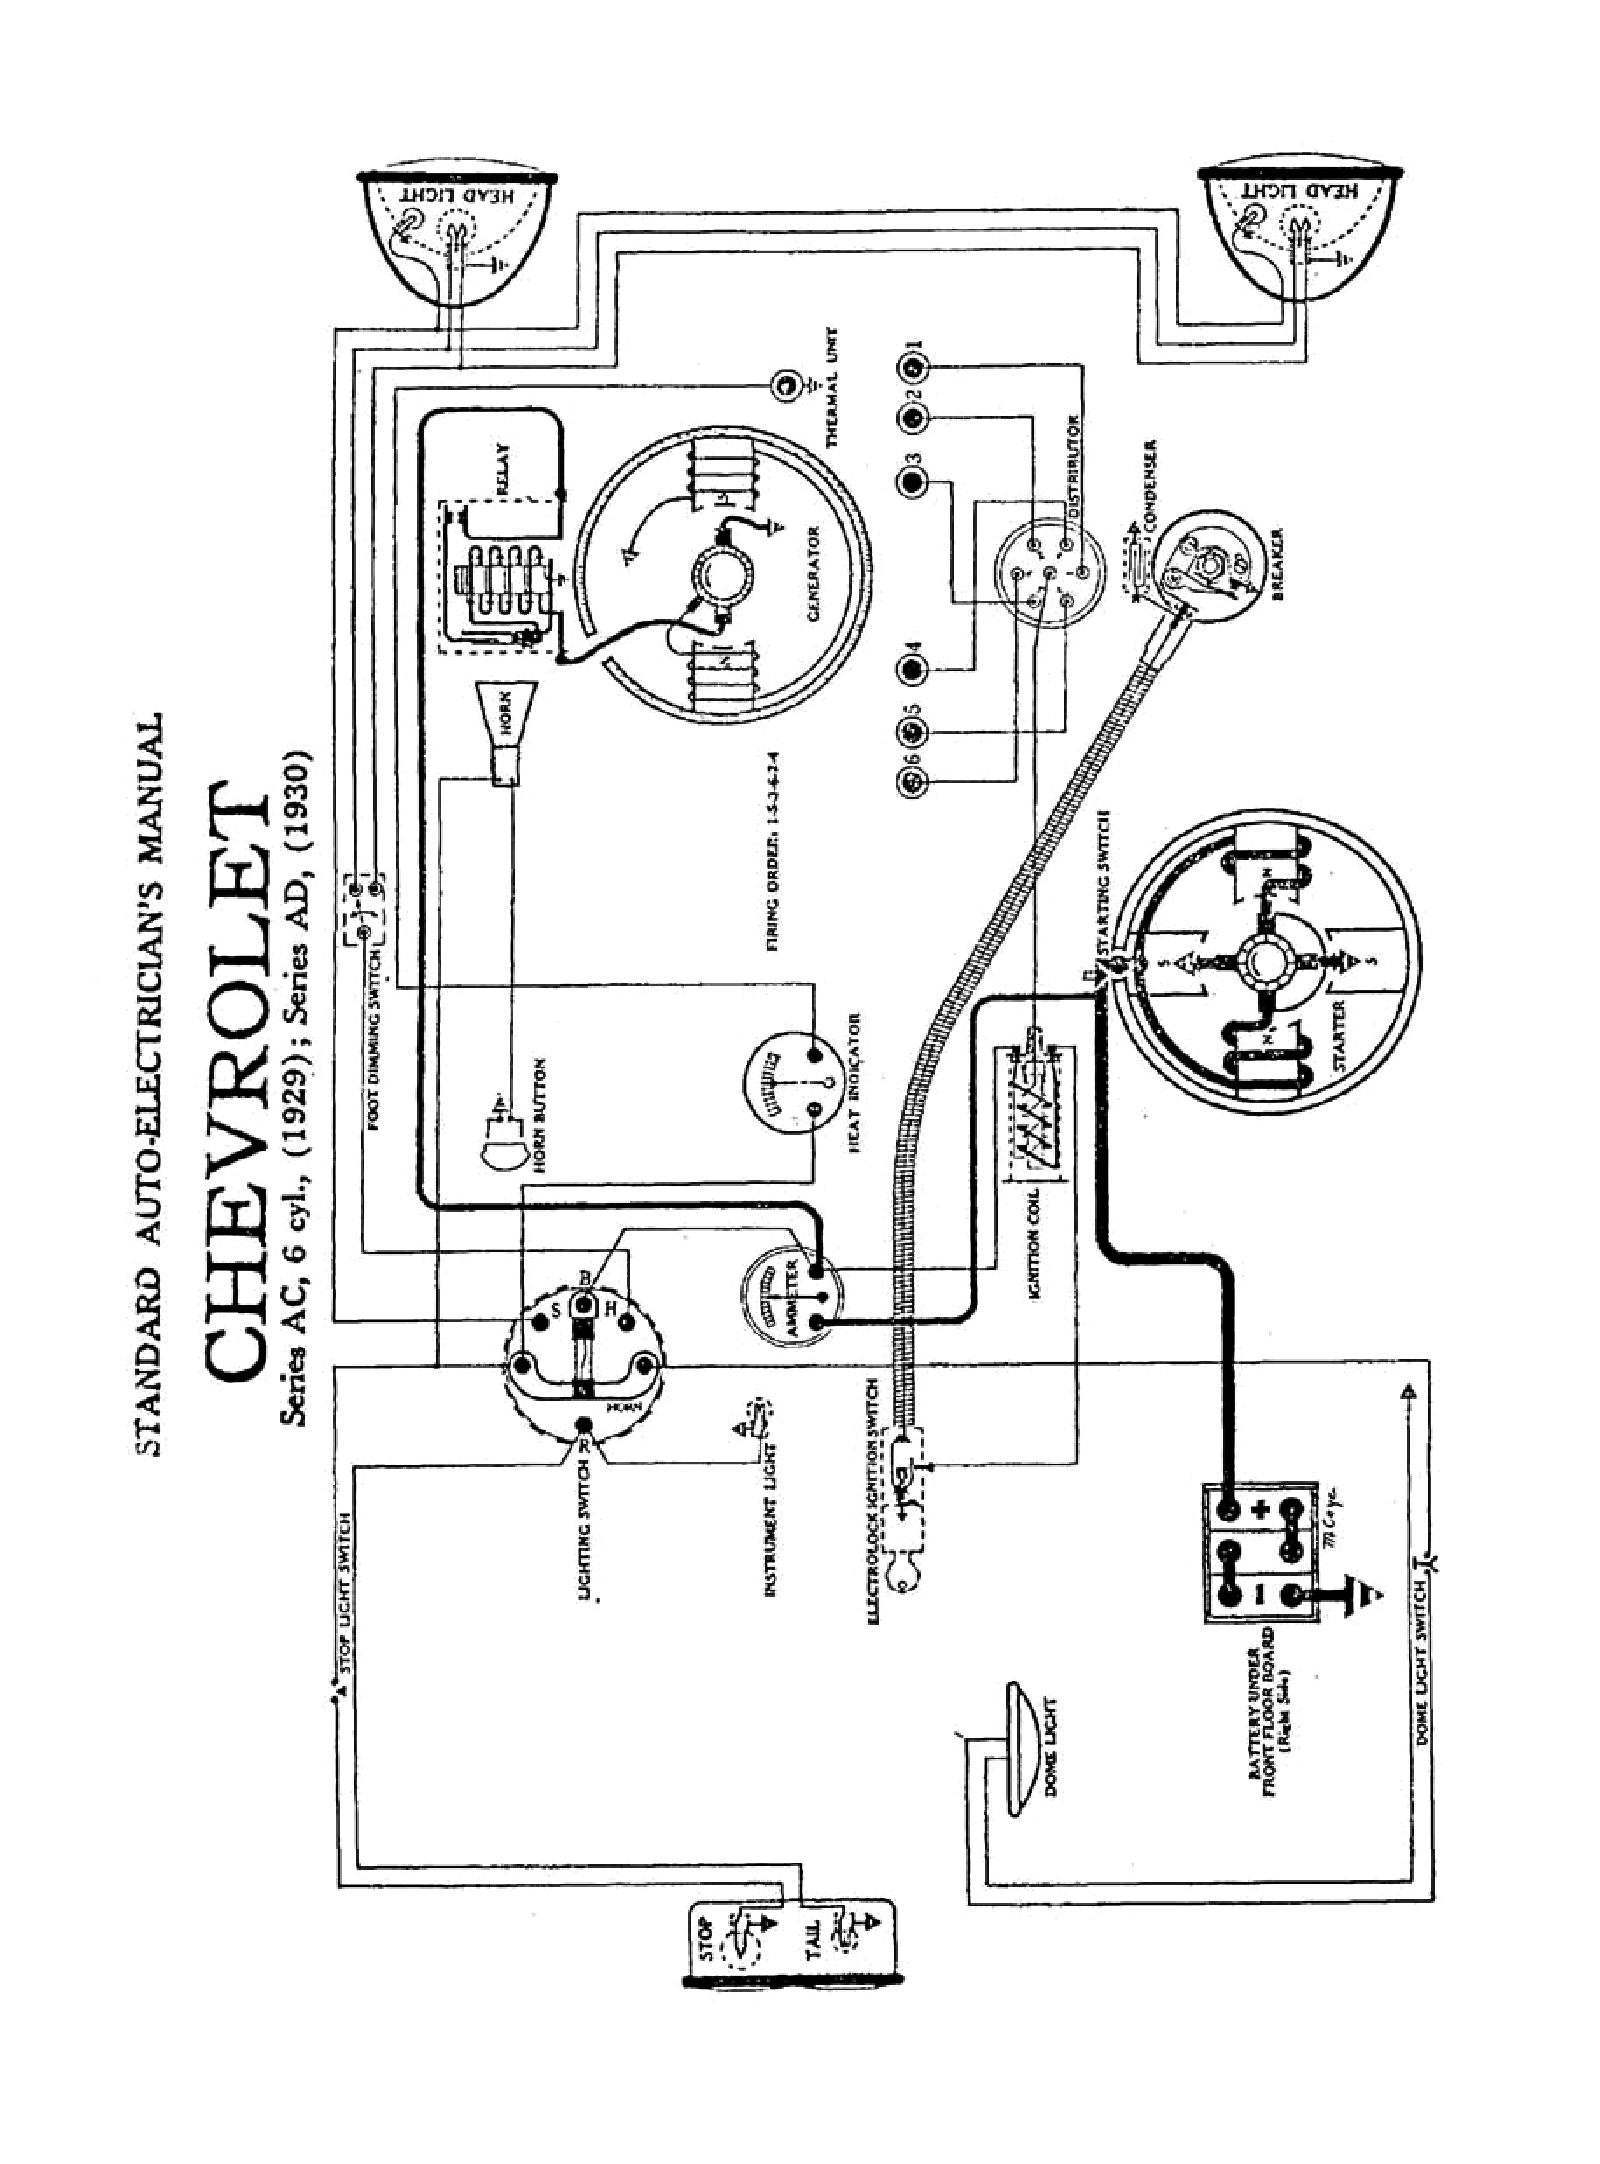 1928 ford tudor model a wiring diagram wiring schematics diagram tudor 1925 ford model t wiring diagram wiring diagram library ford model a tudor dimensions 1928 ford tudor model a wiring diagram